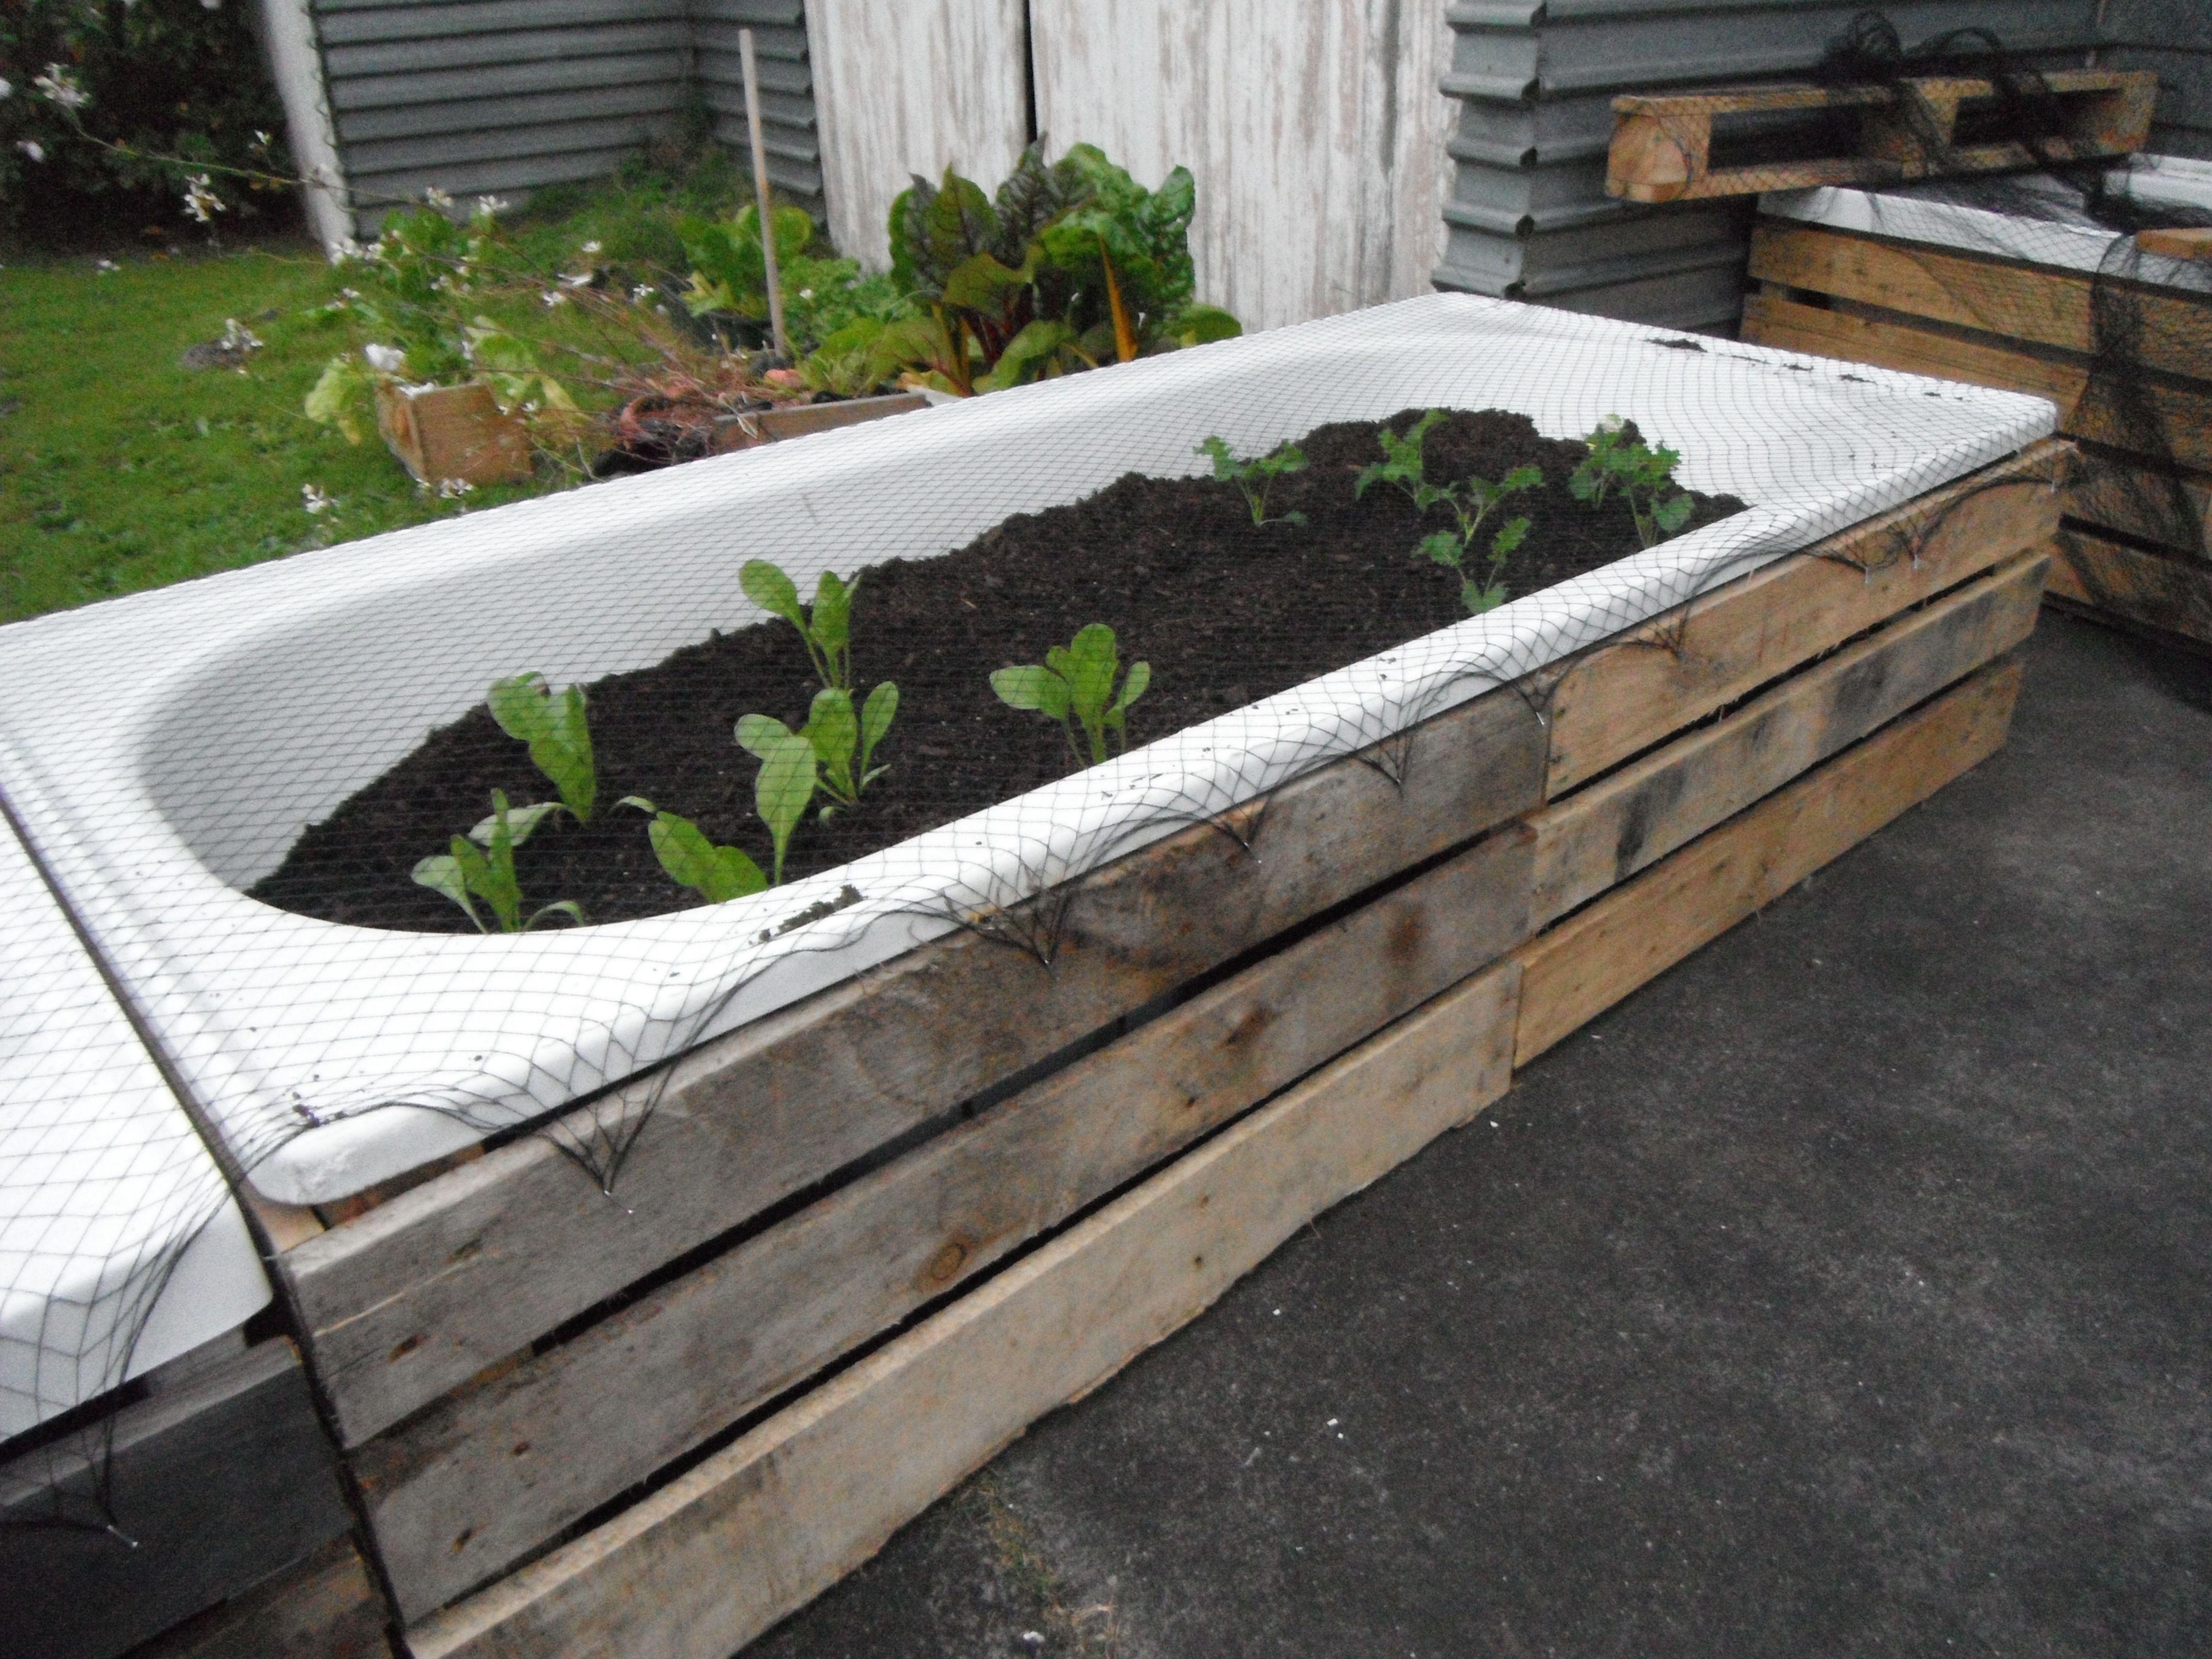 bathtub gardens garten pinterest garten garten ideen und gem segarten. Black Bedroom Furniture Sets. Home Design Ideas